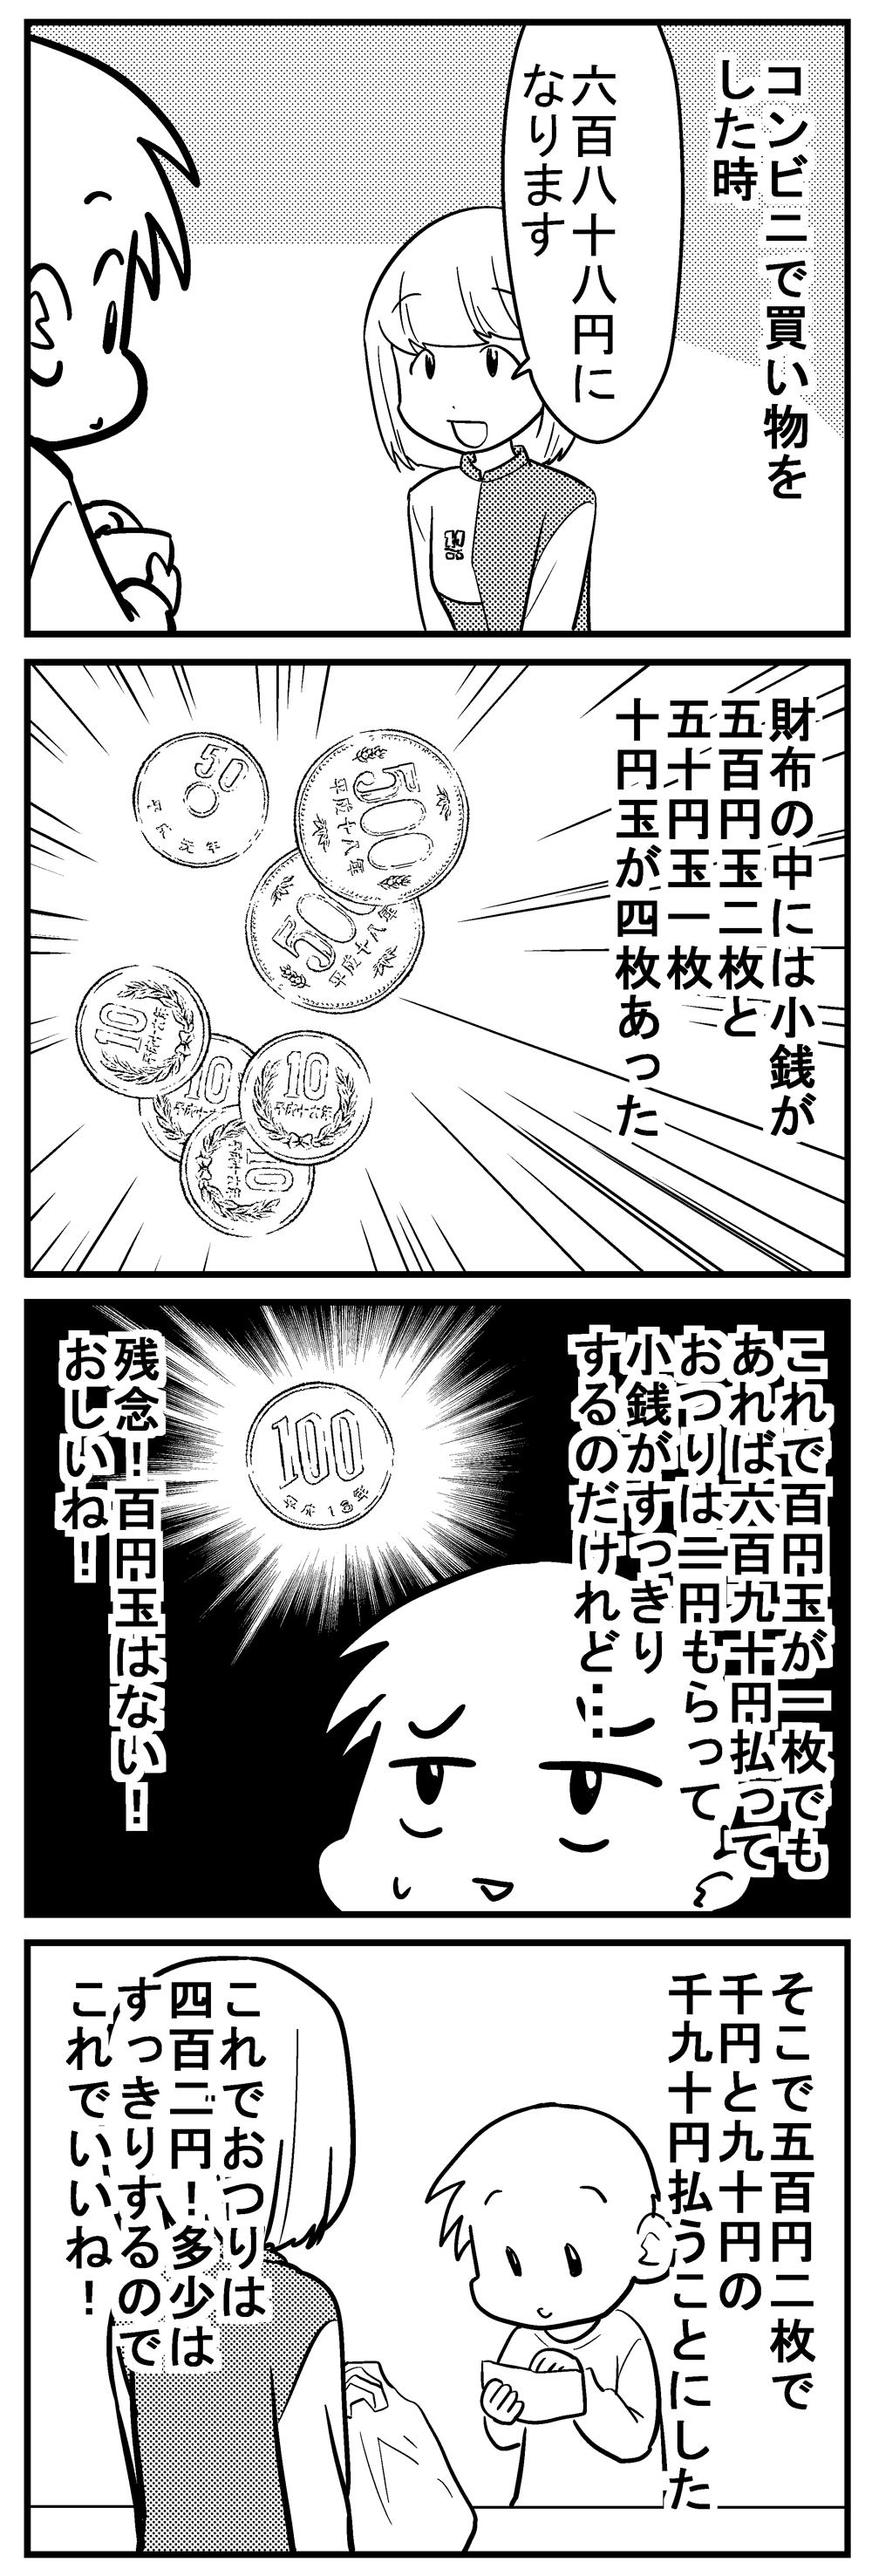 深読みくん118-1